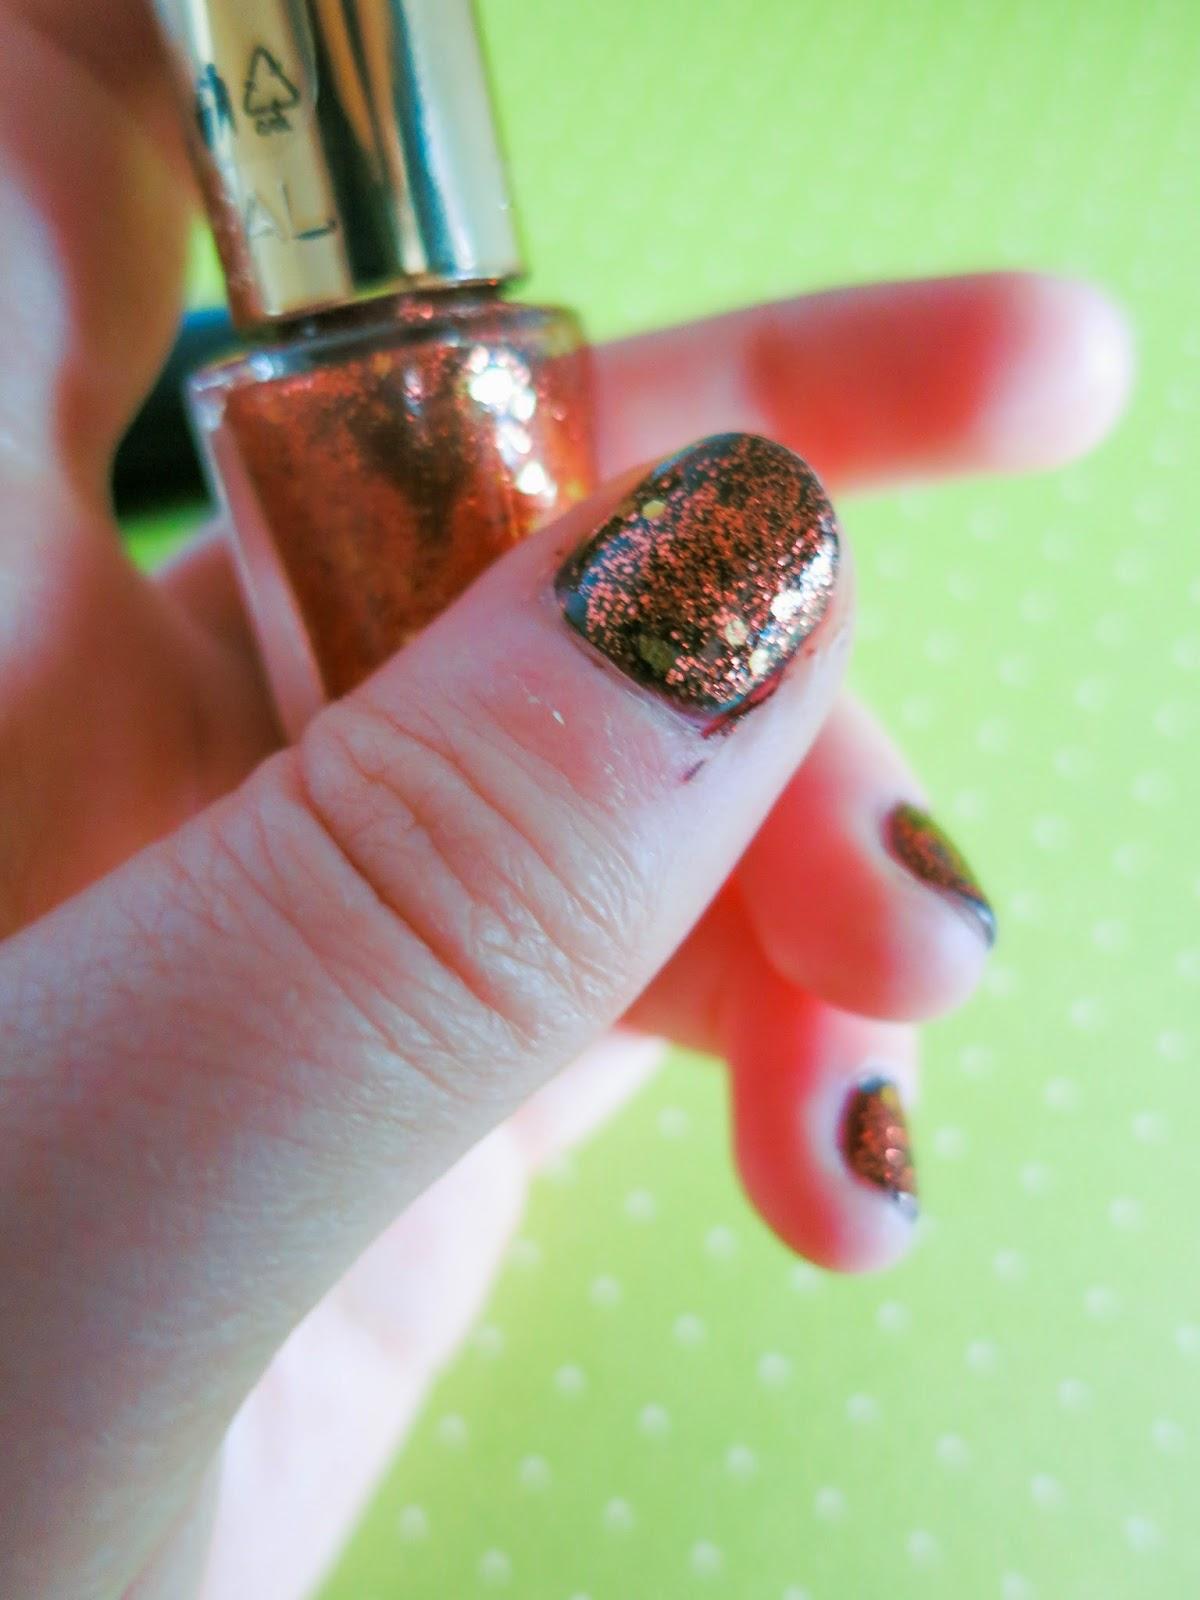 nails L'oreal mani Copper Cuff Autumn